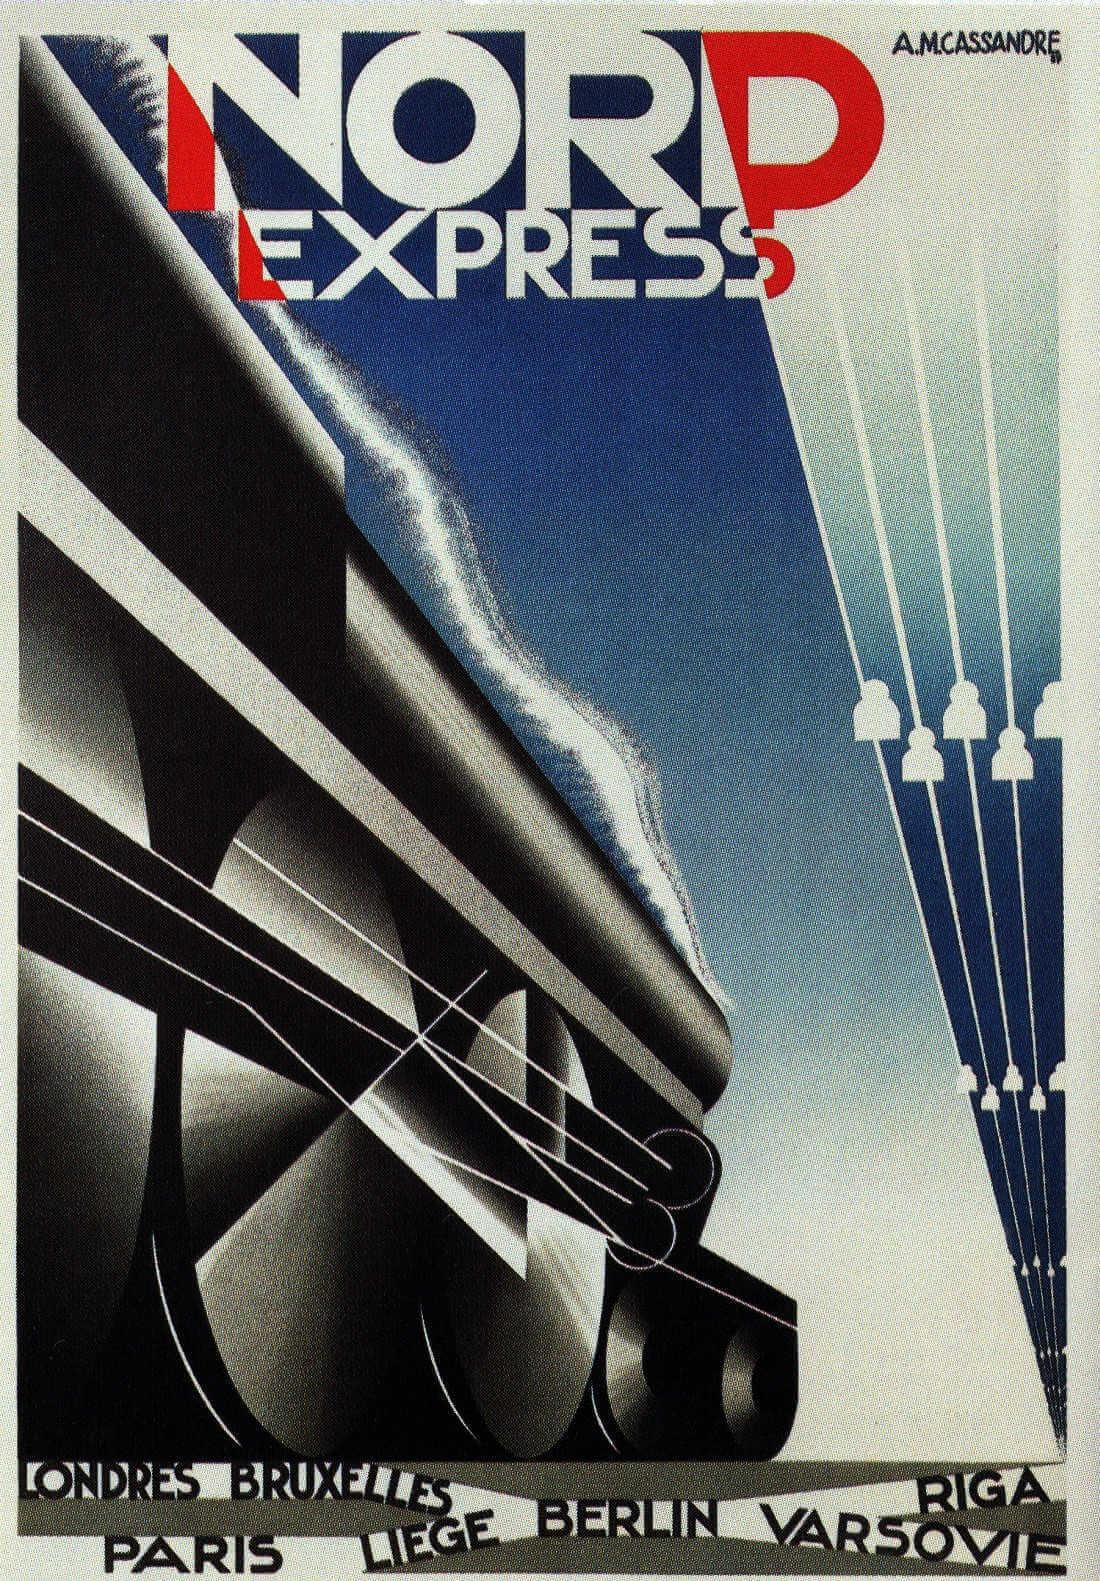 Cartel cubista de Nord Express, tren con destinos en ciudades europeas de AM cassandre